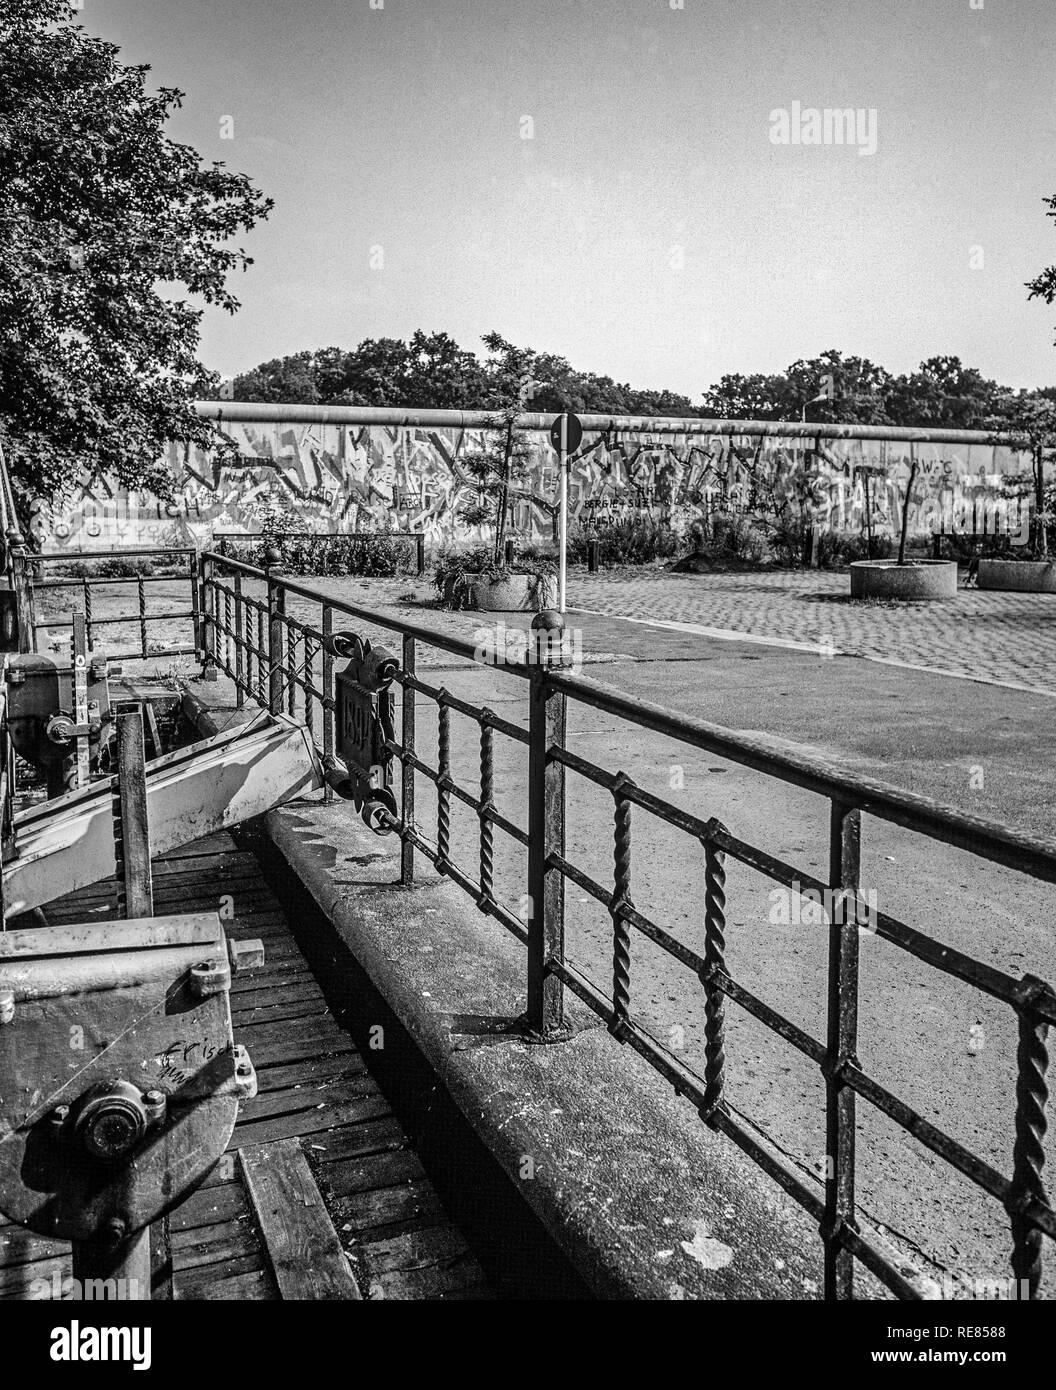 Agosto 1986, Berlino, canal lock, muro di Berlino graffitis, Treptow, Berlino Ovest lato, Germania, Europa Immagini Stock